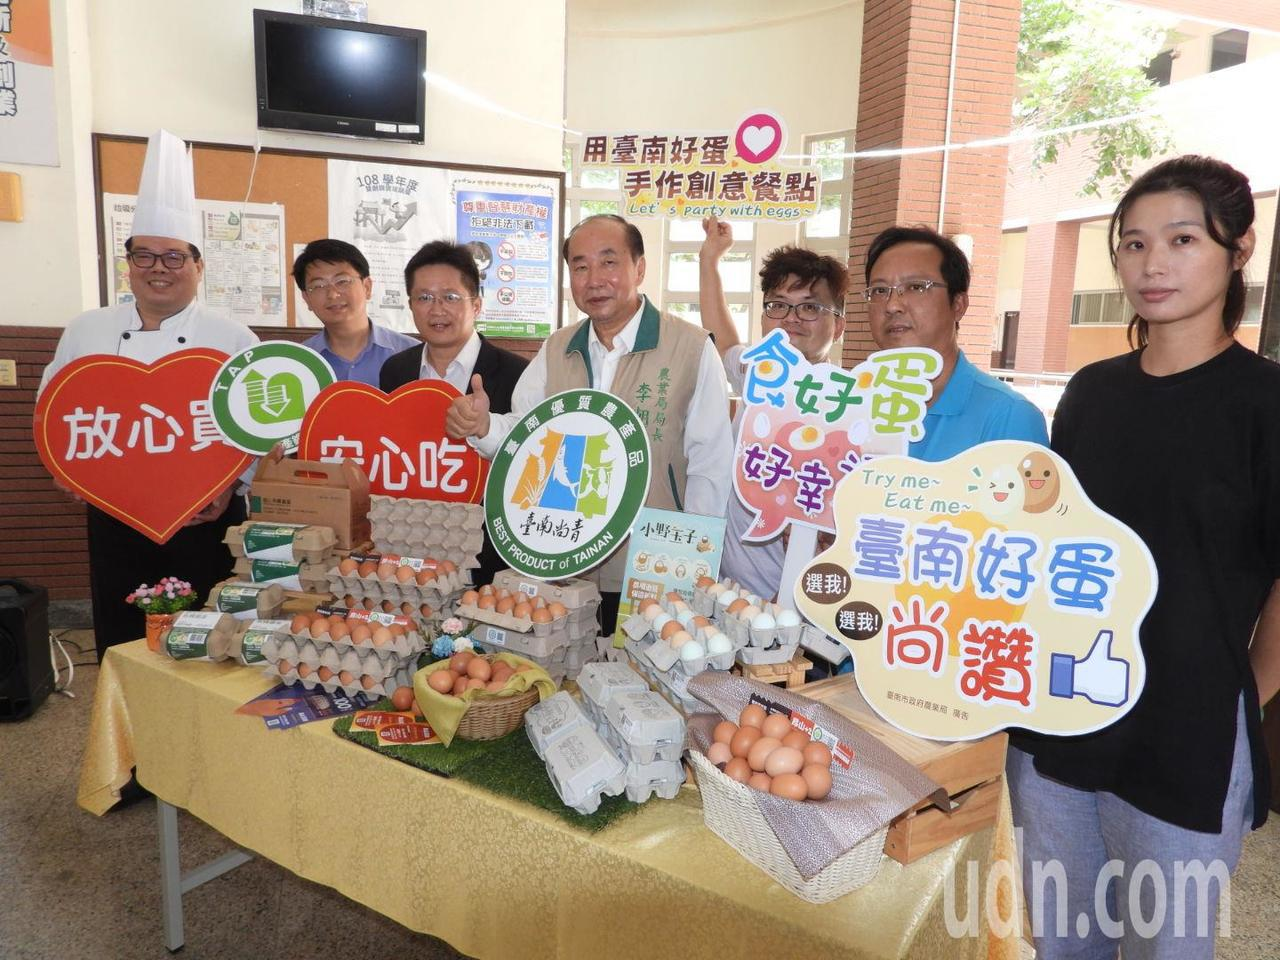 台南市政府今天在台首大舉辦優質台南雞蛋發表會。記者周宗禎/攝影